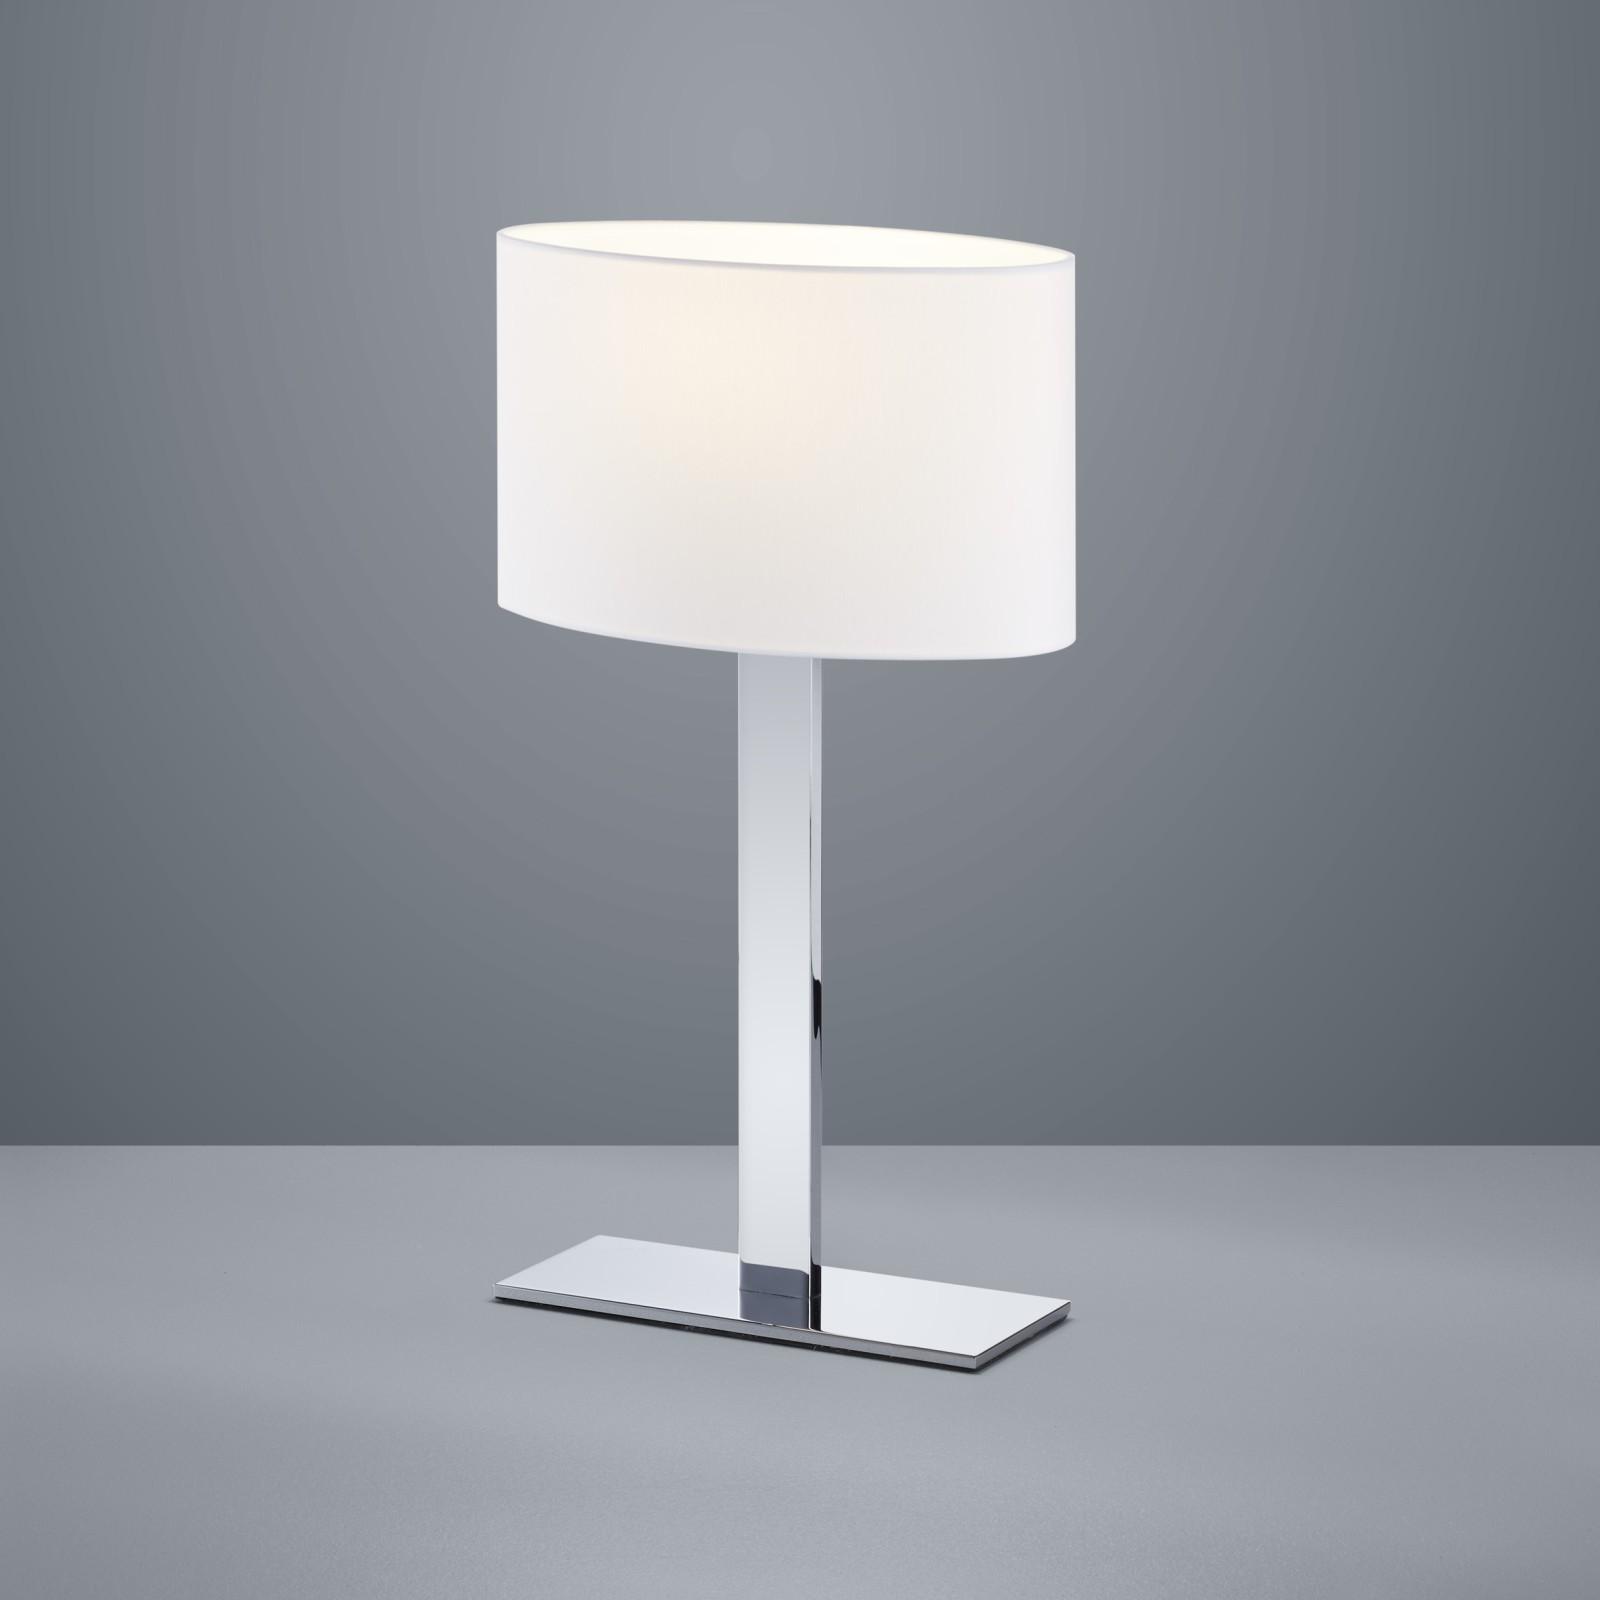 Rena Elliptical Table Lamp